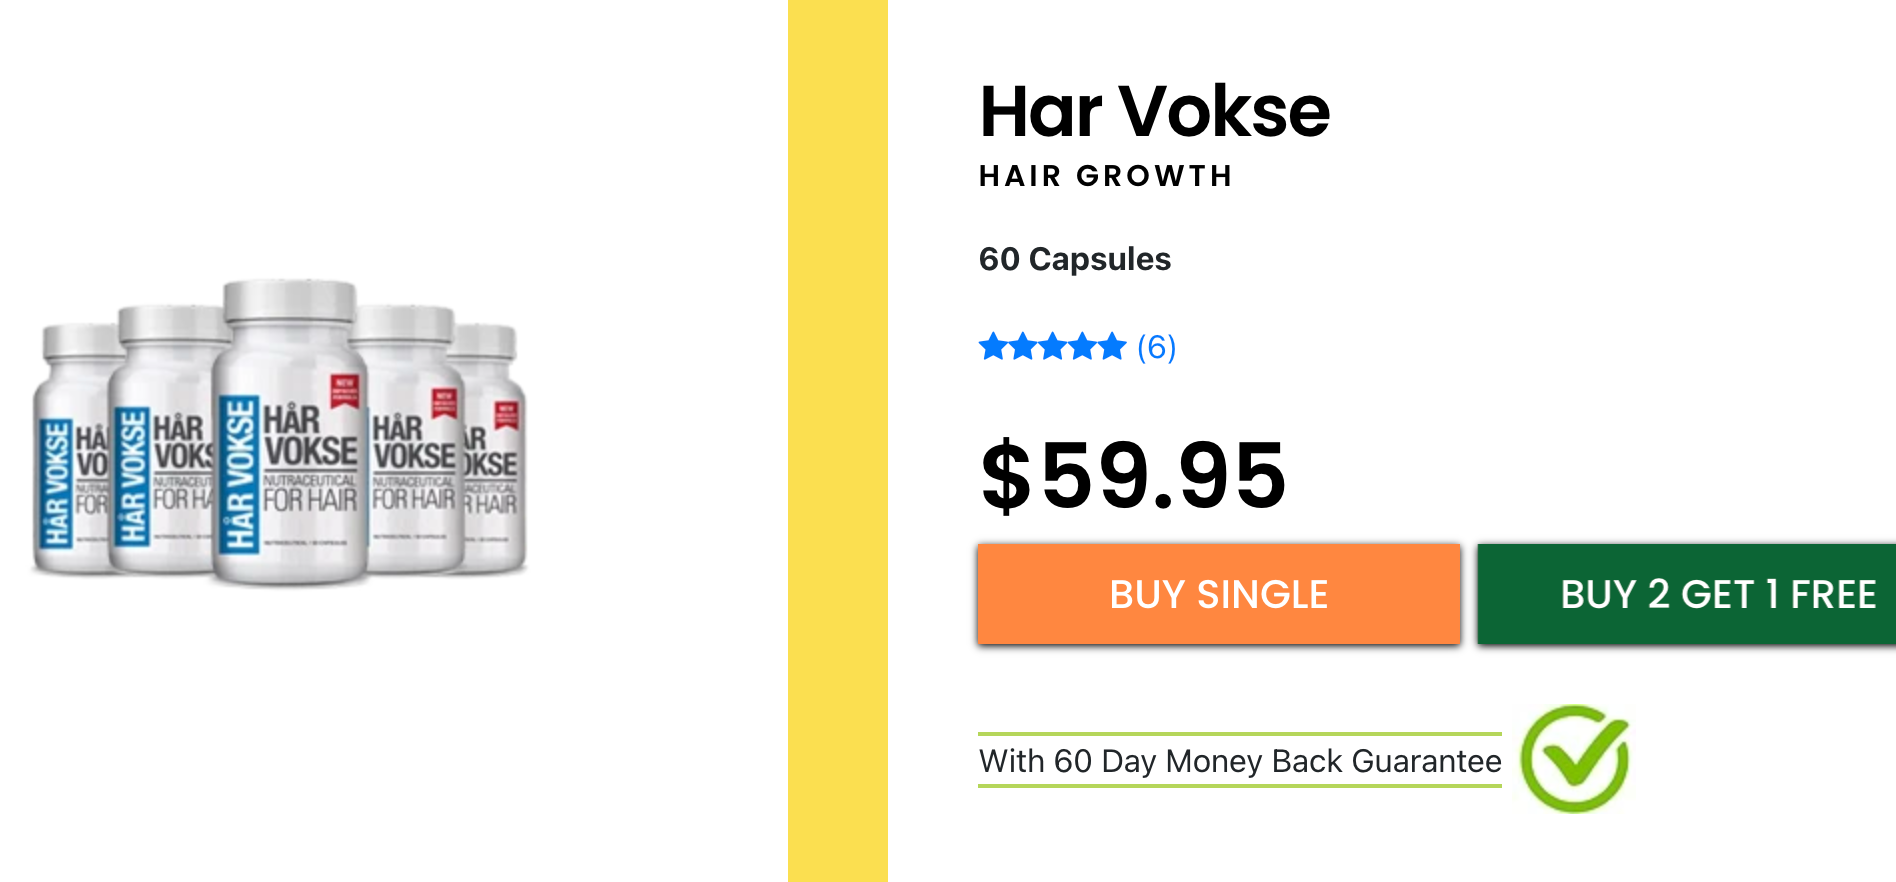 Har Vokse price